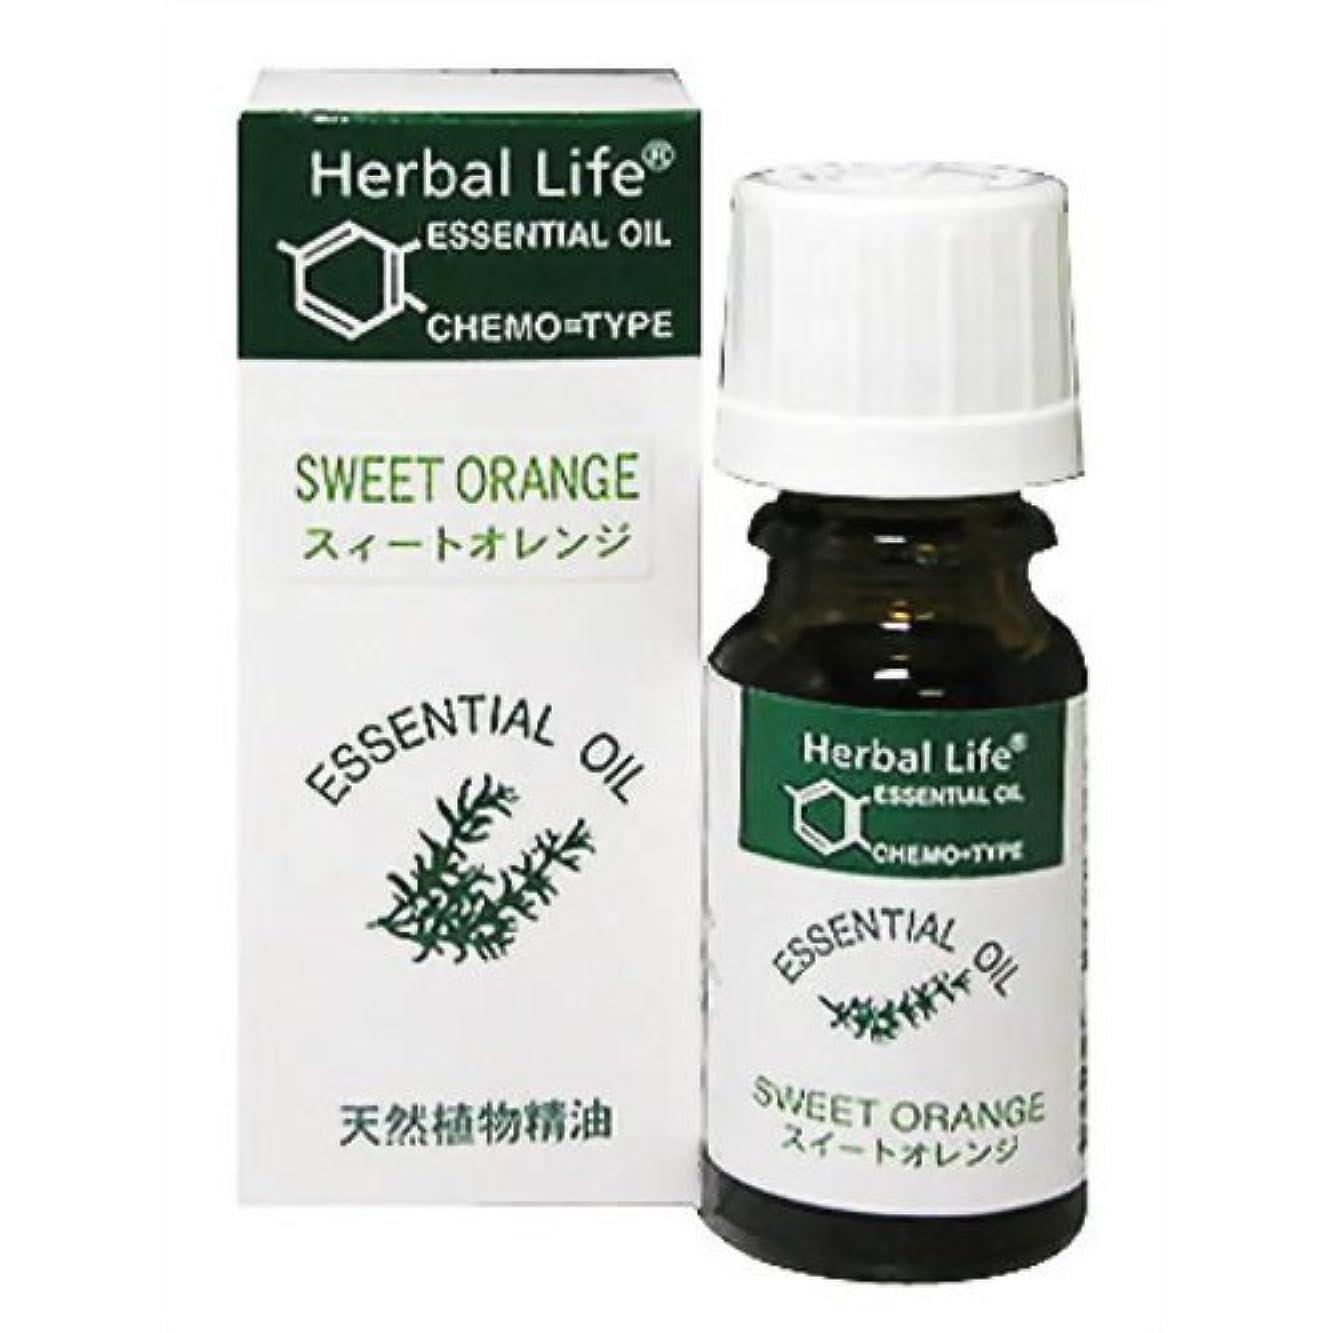 論理的にレパートリーワードローブ生活の木 Herbal Life スィートオレンジ 10ml